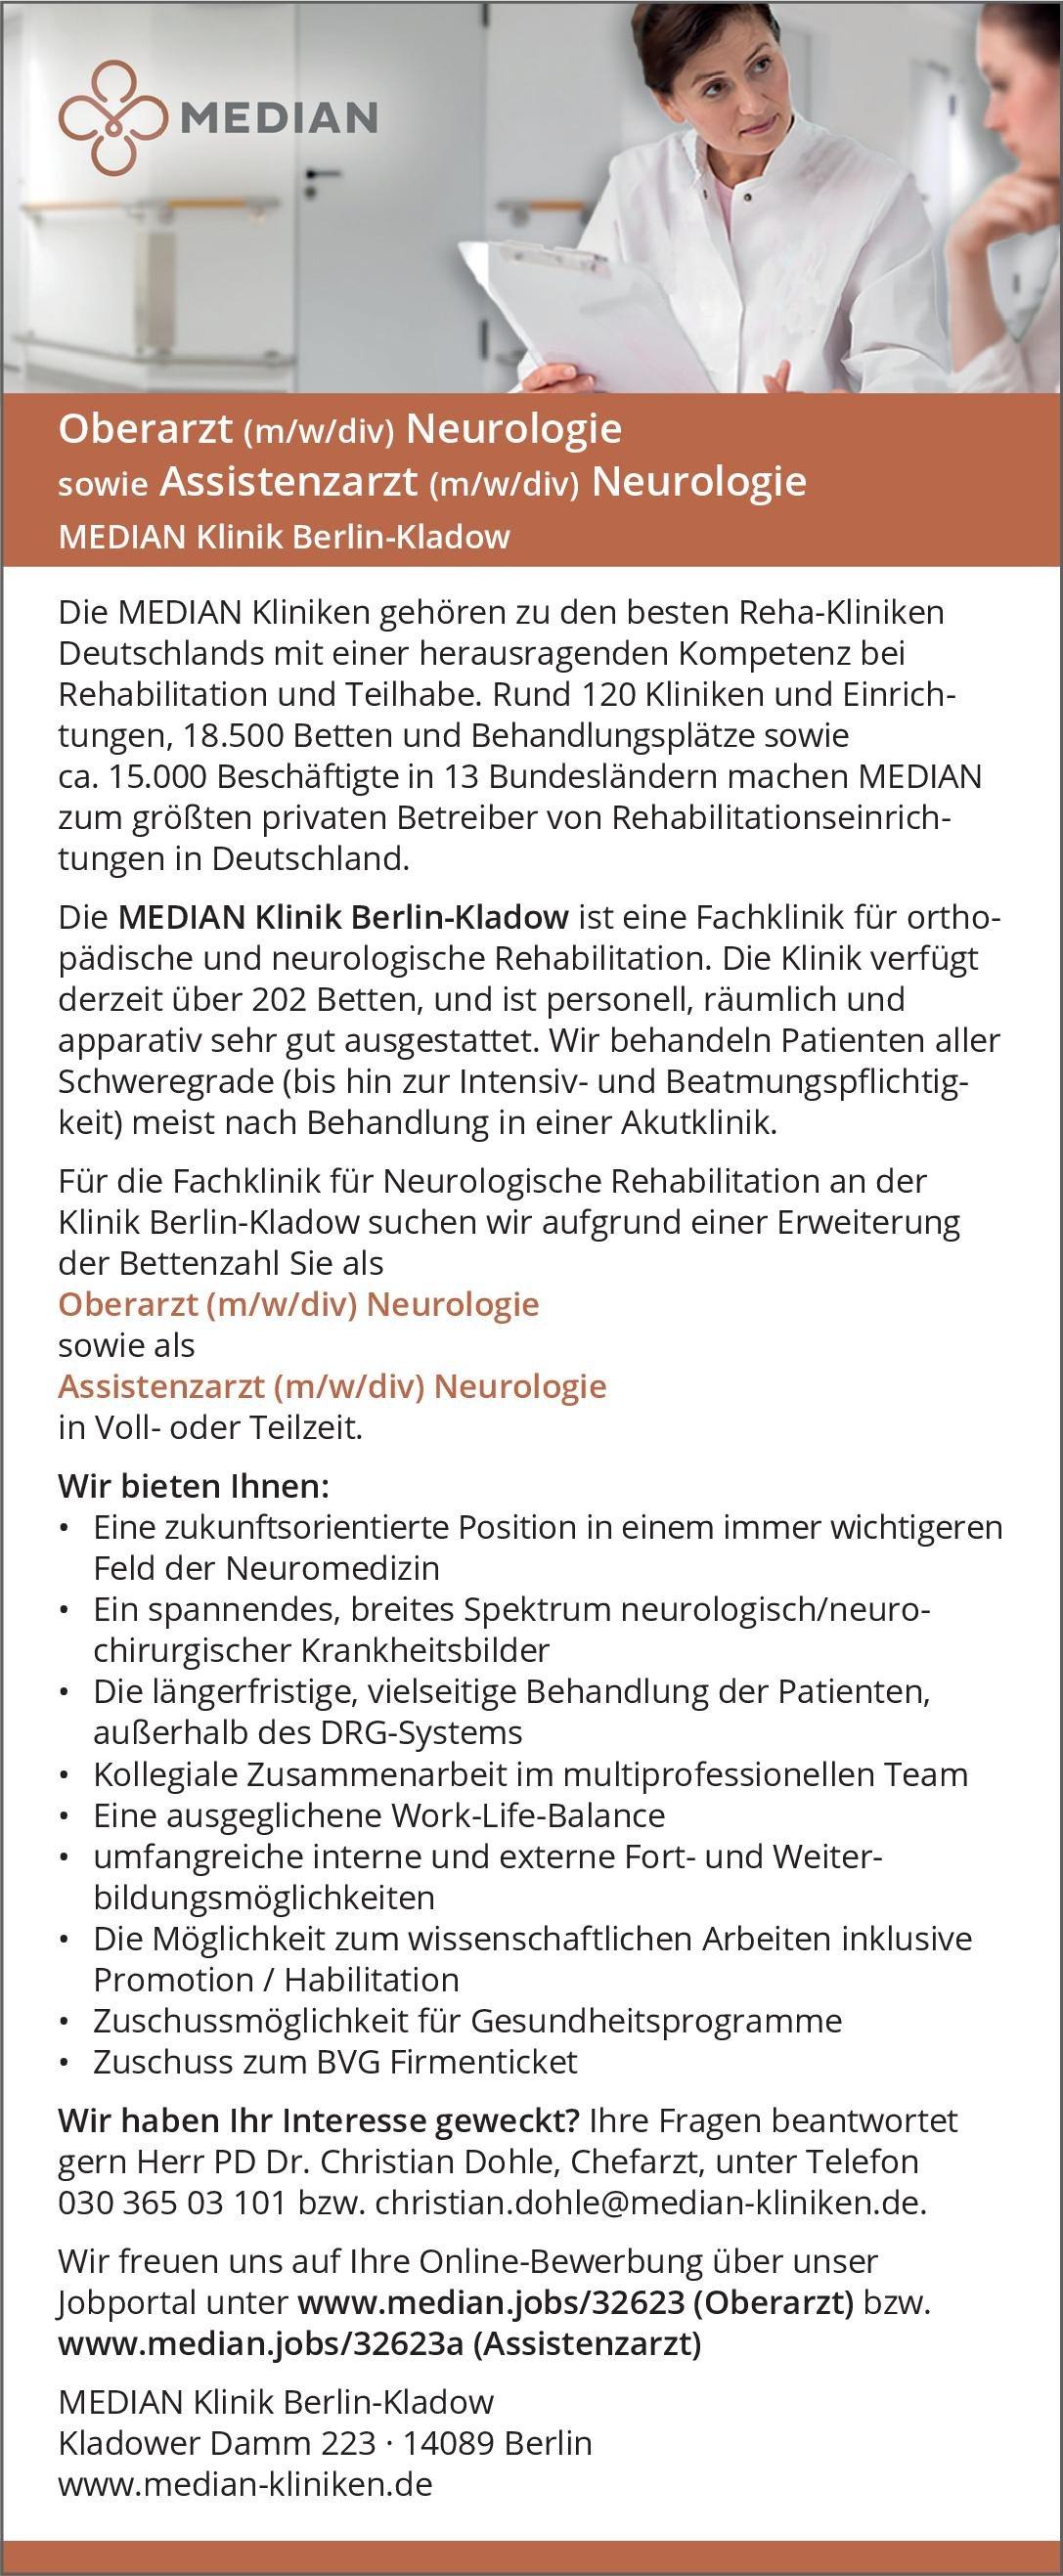 MEDIAN Klinik Berlin-Kladow Assistenzarzt (m/w/div) Neurologie Neurologie Assistenzarzt / Arzt in Weiterbildung